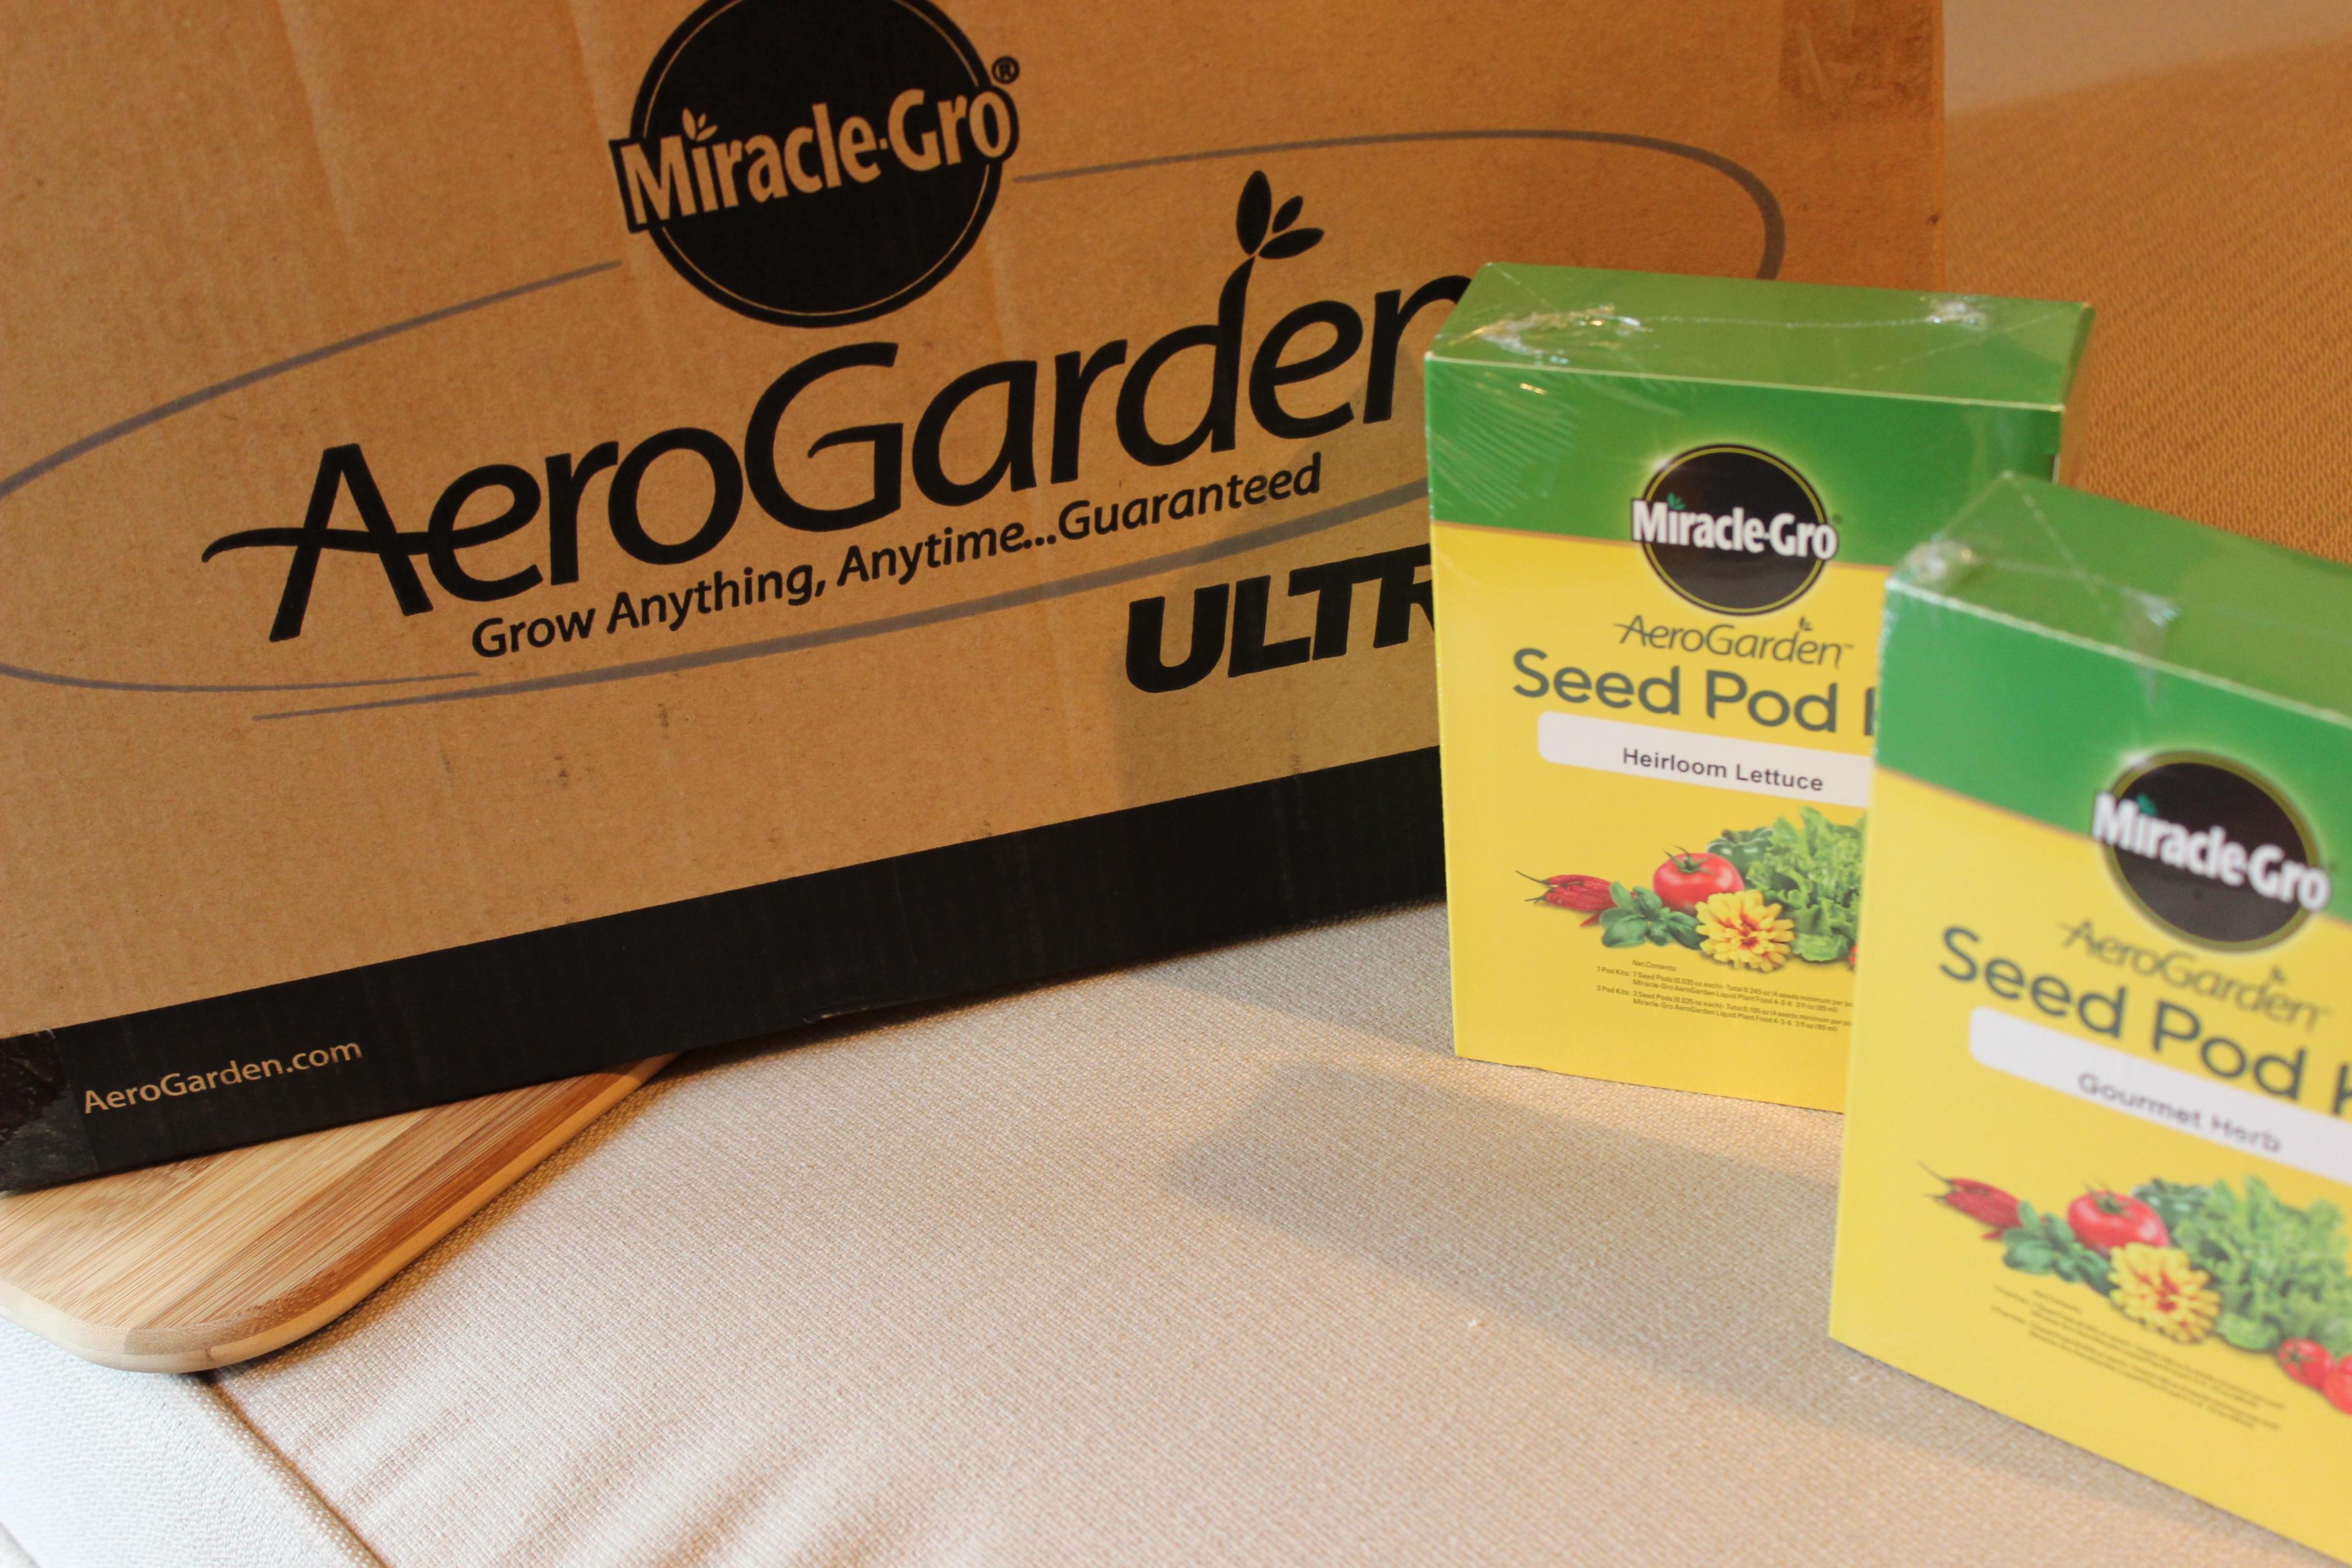 Miracle-Gro AeroGarden ULTRA LED Indoor Garden - Basilmomma